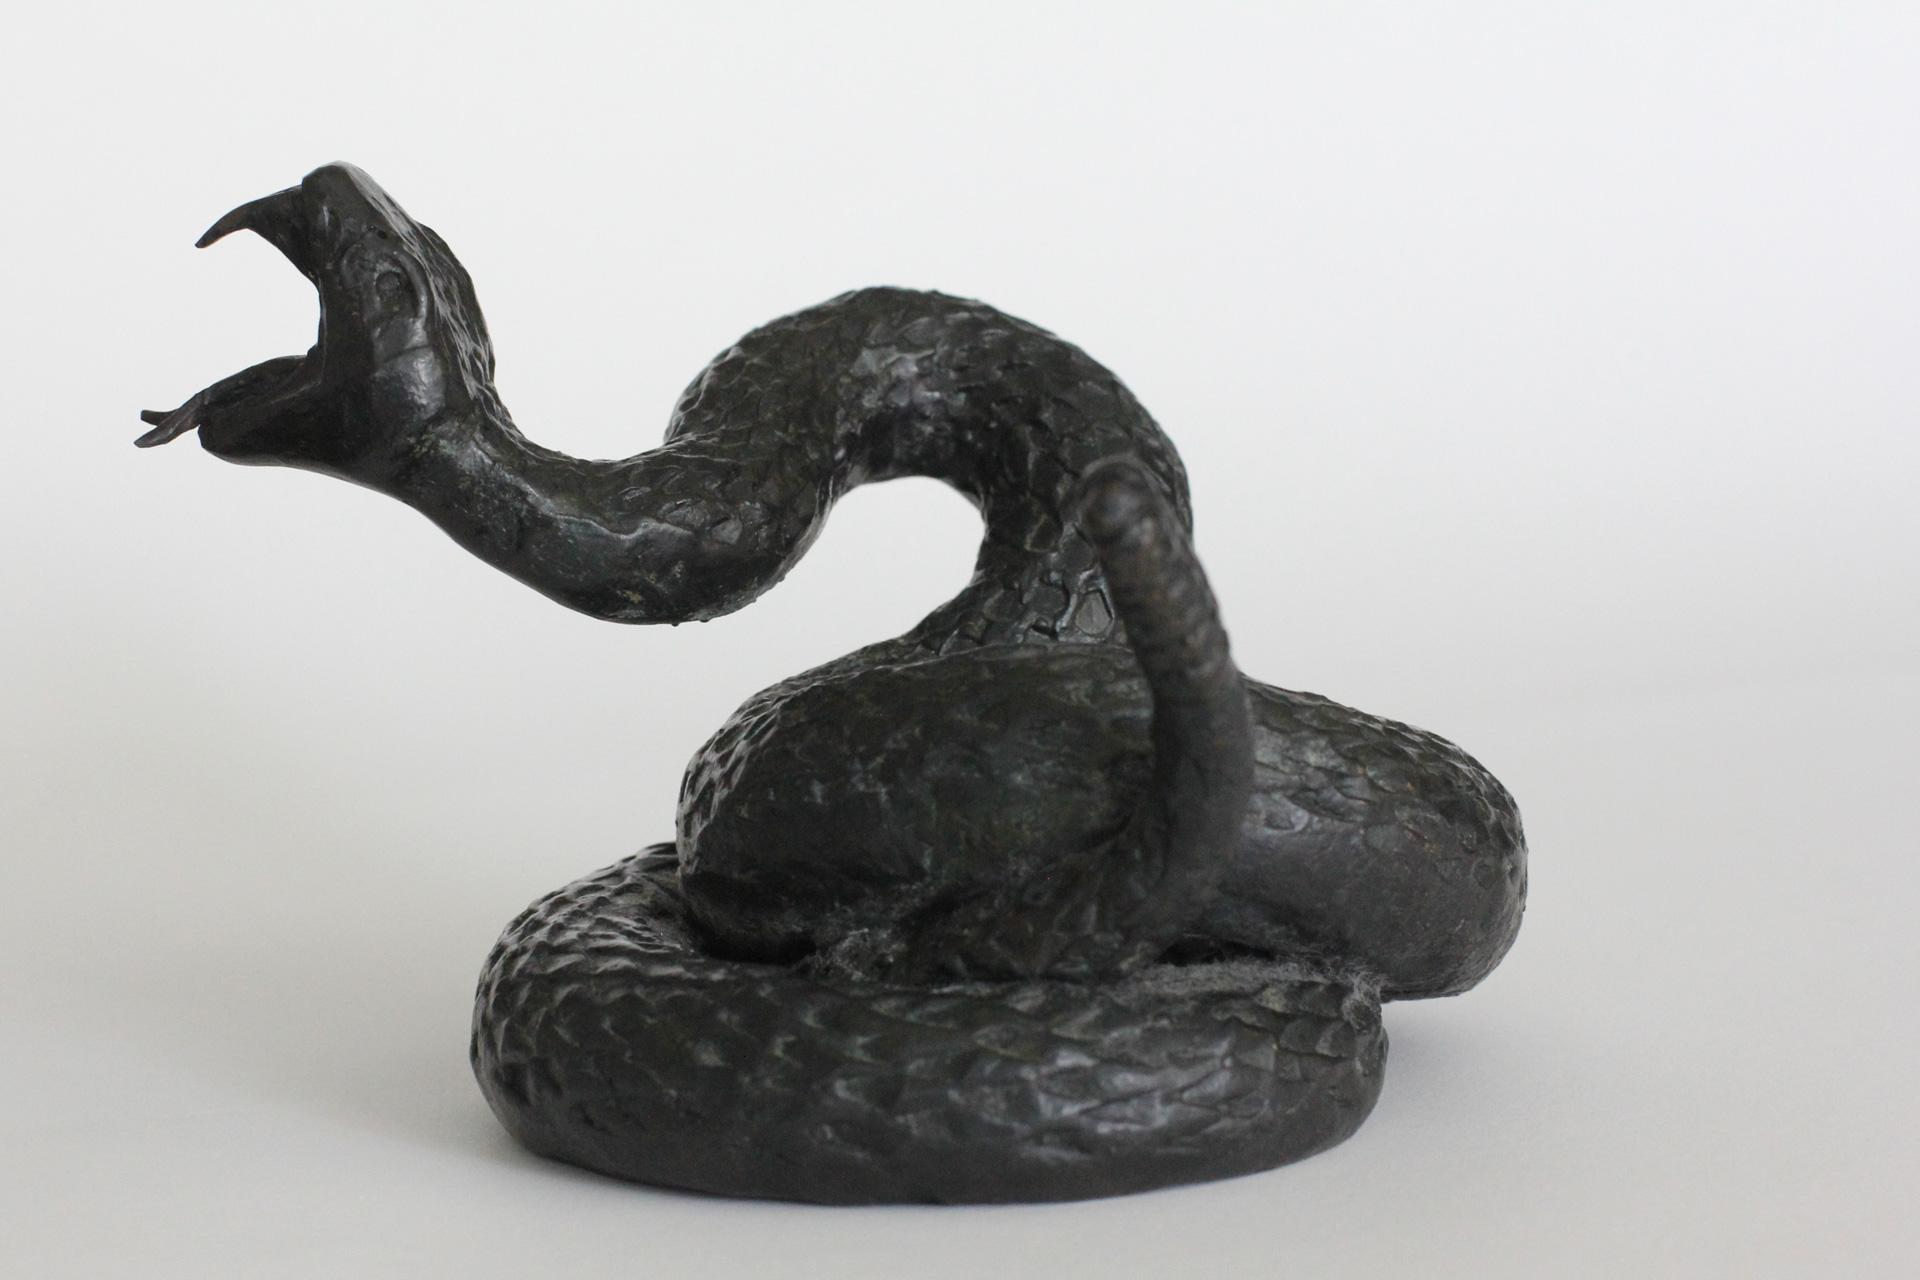 snakeforwebver2.5.jpg